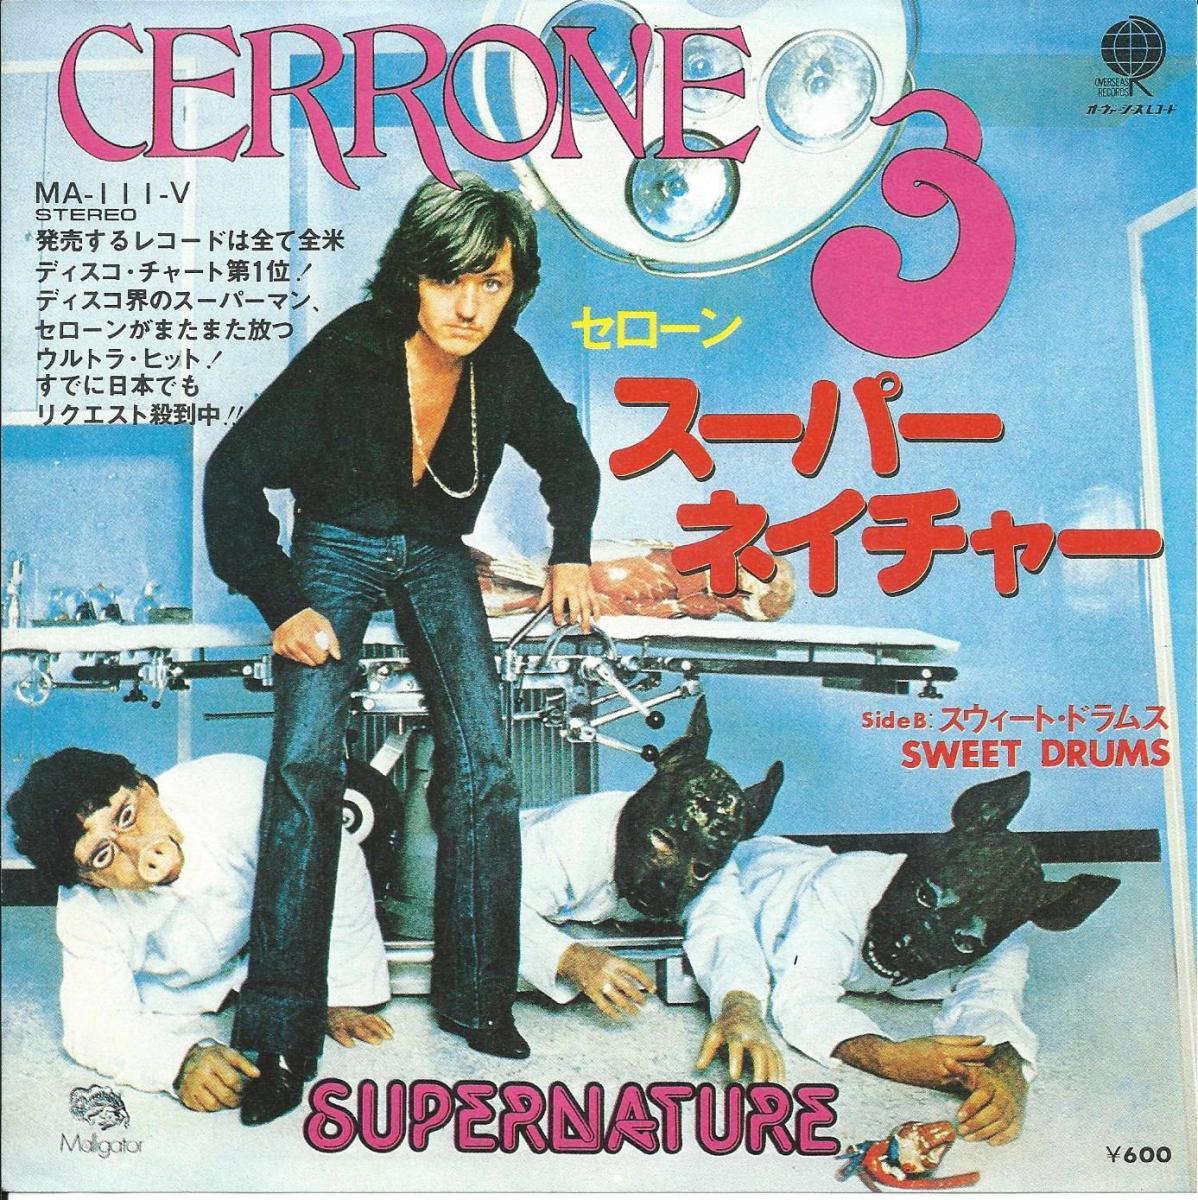 セローン CERRONE / スーパー・ネイチャー SUPERNATURE (7